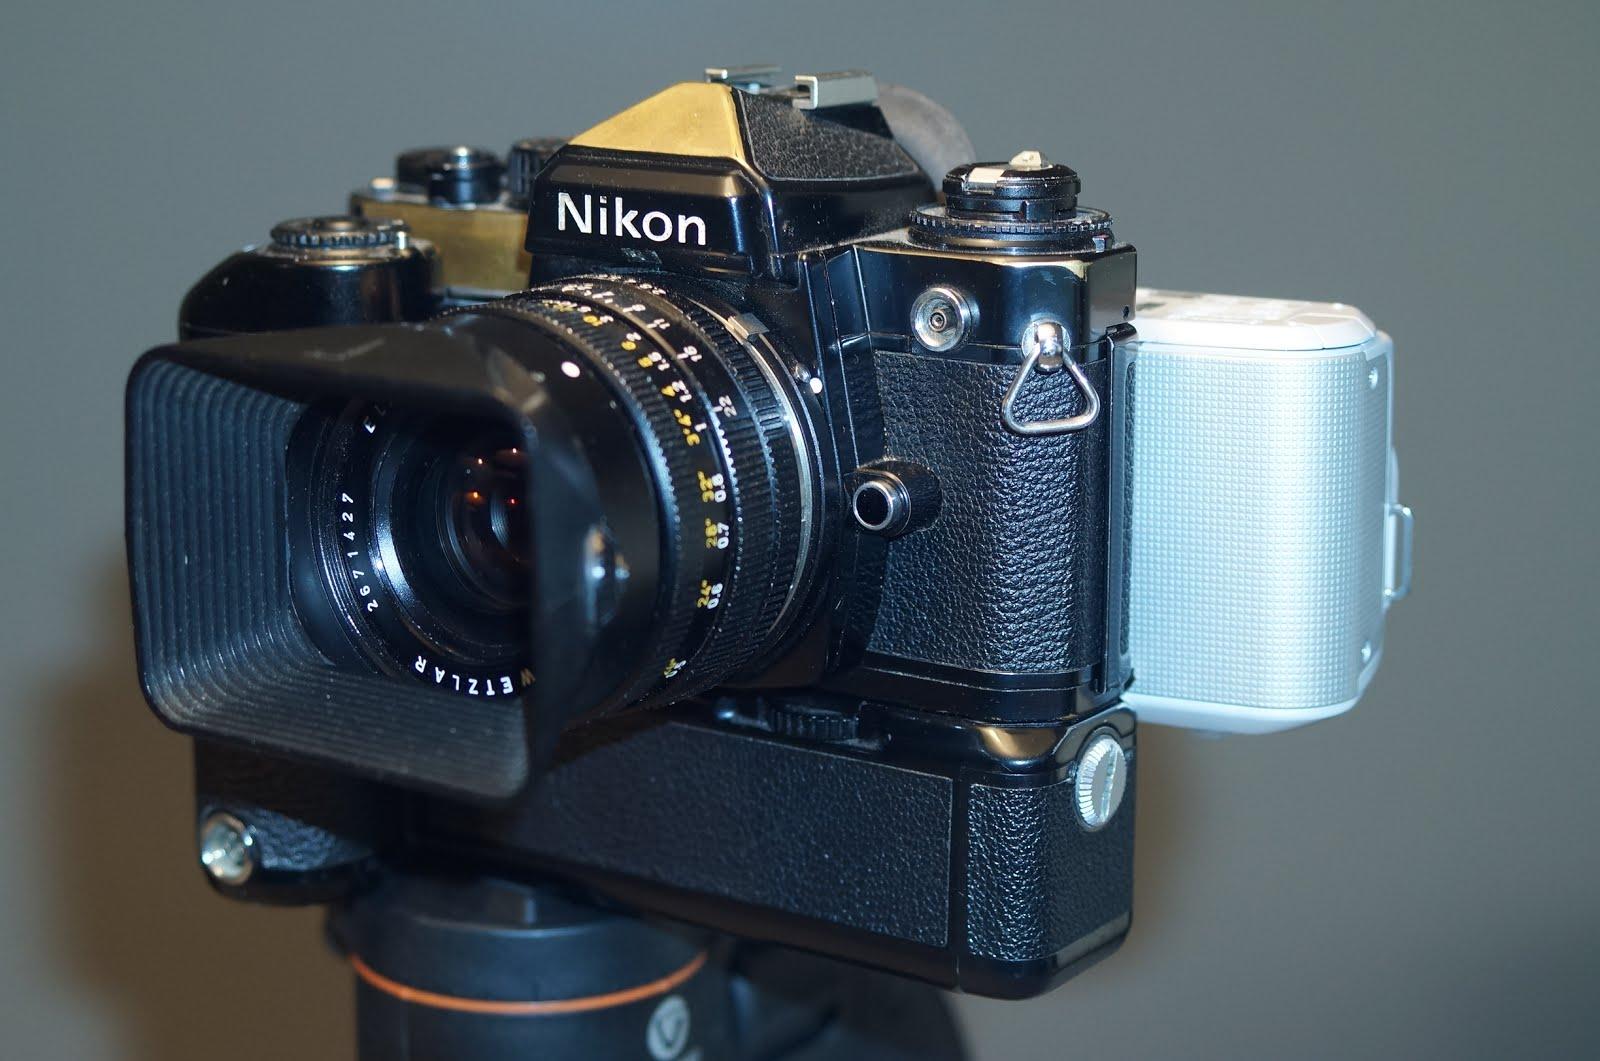 Nikon FE Digital